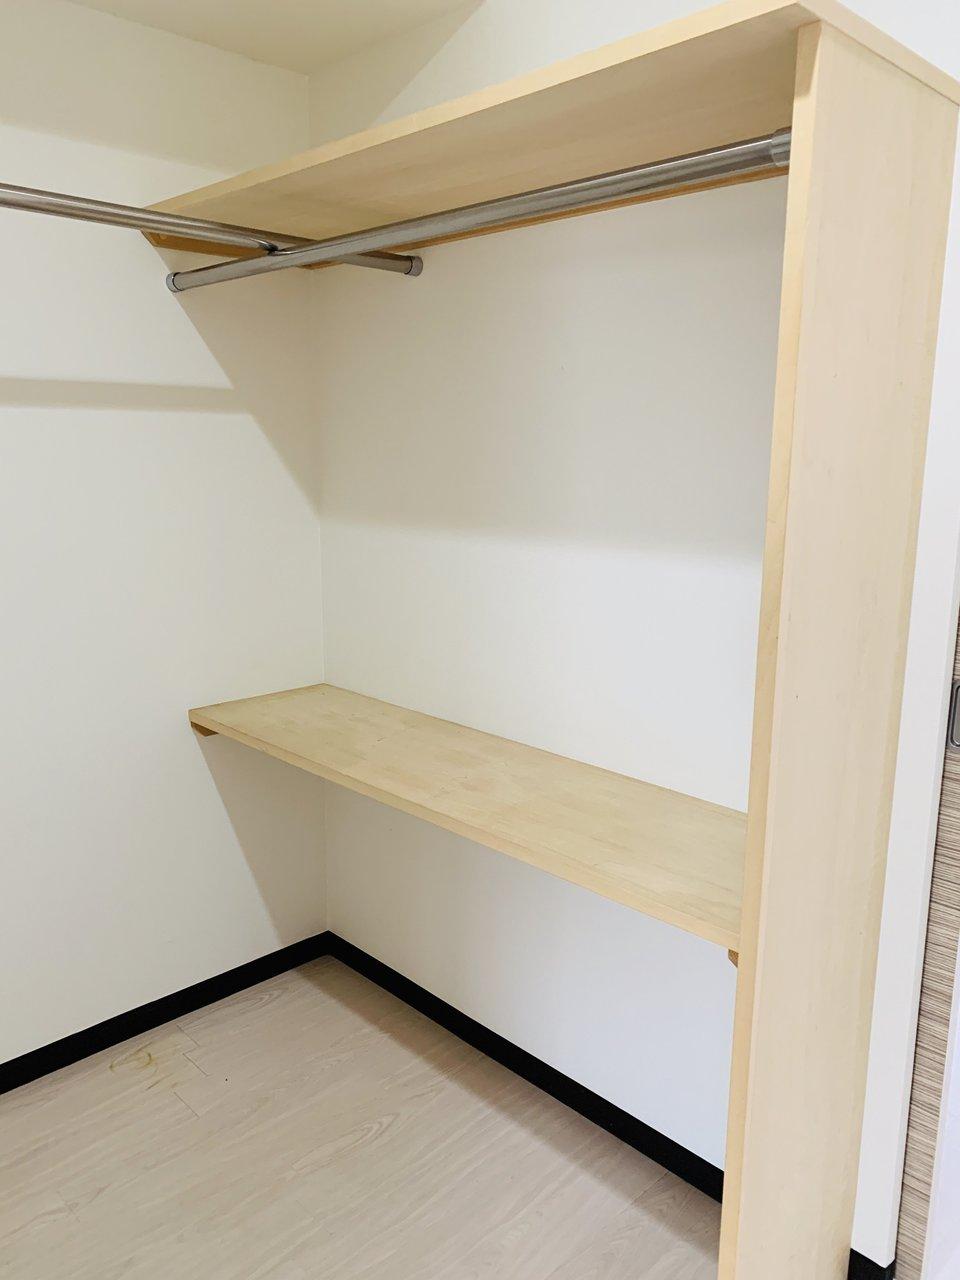 リビング以外の二部屋の間には、どちらの部屋からも行き来できる広めのウォークインクローゼットが。1か所に収納場所が集まっているのは、案外便利かもしれません。